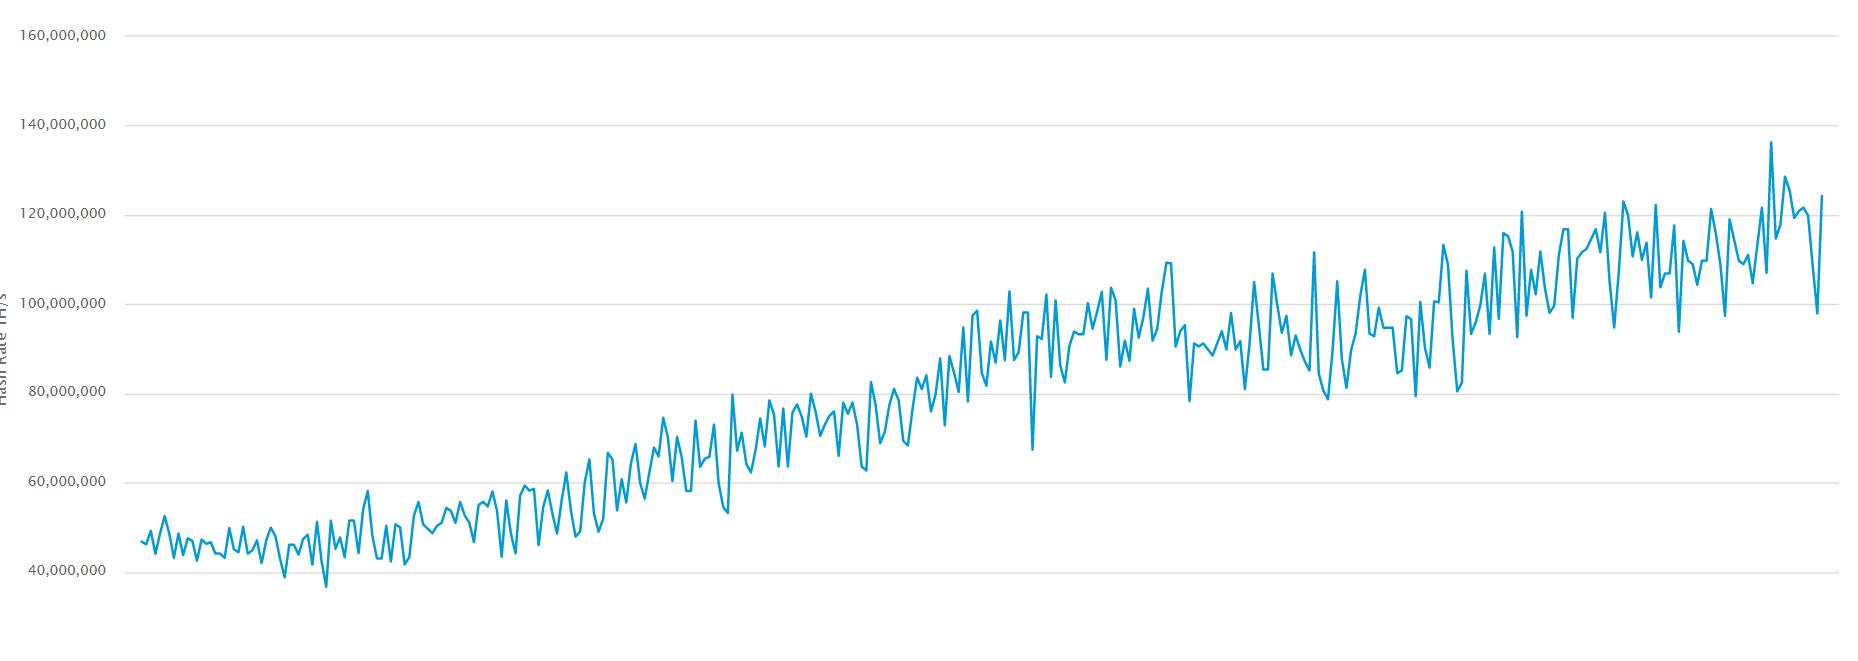 Предсказавший падение bitcoin 2018 года аналитик прогнозирует BTС по $1 тыс.